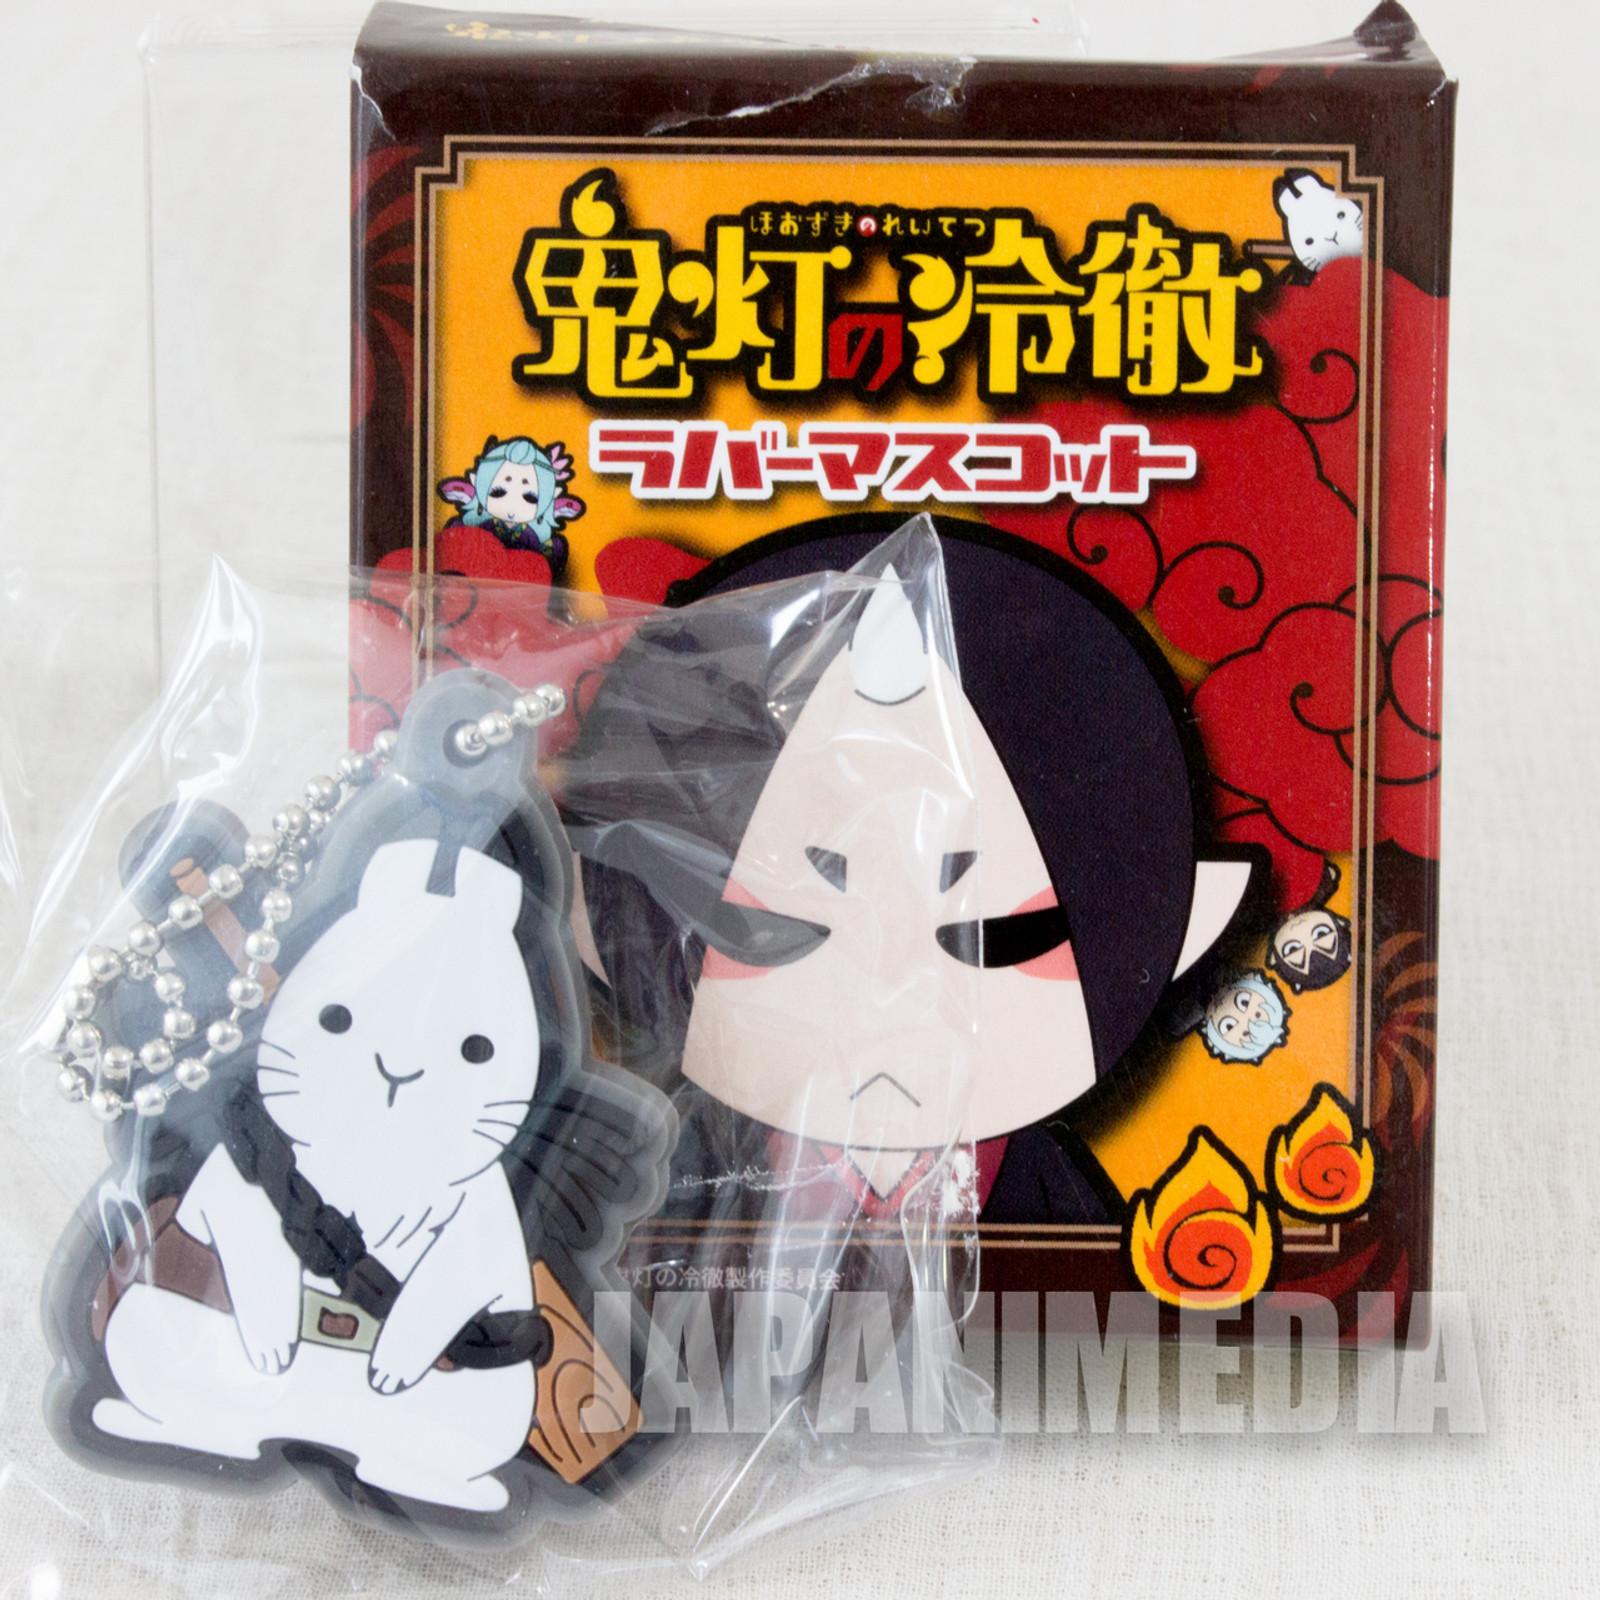 Hozuki no Reitetsu Karashi Rubber Mascot Ballchain JAPAN ANIME MANGA